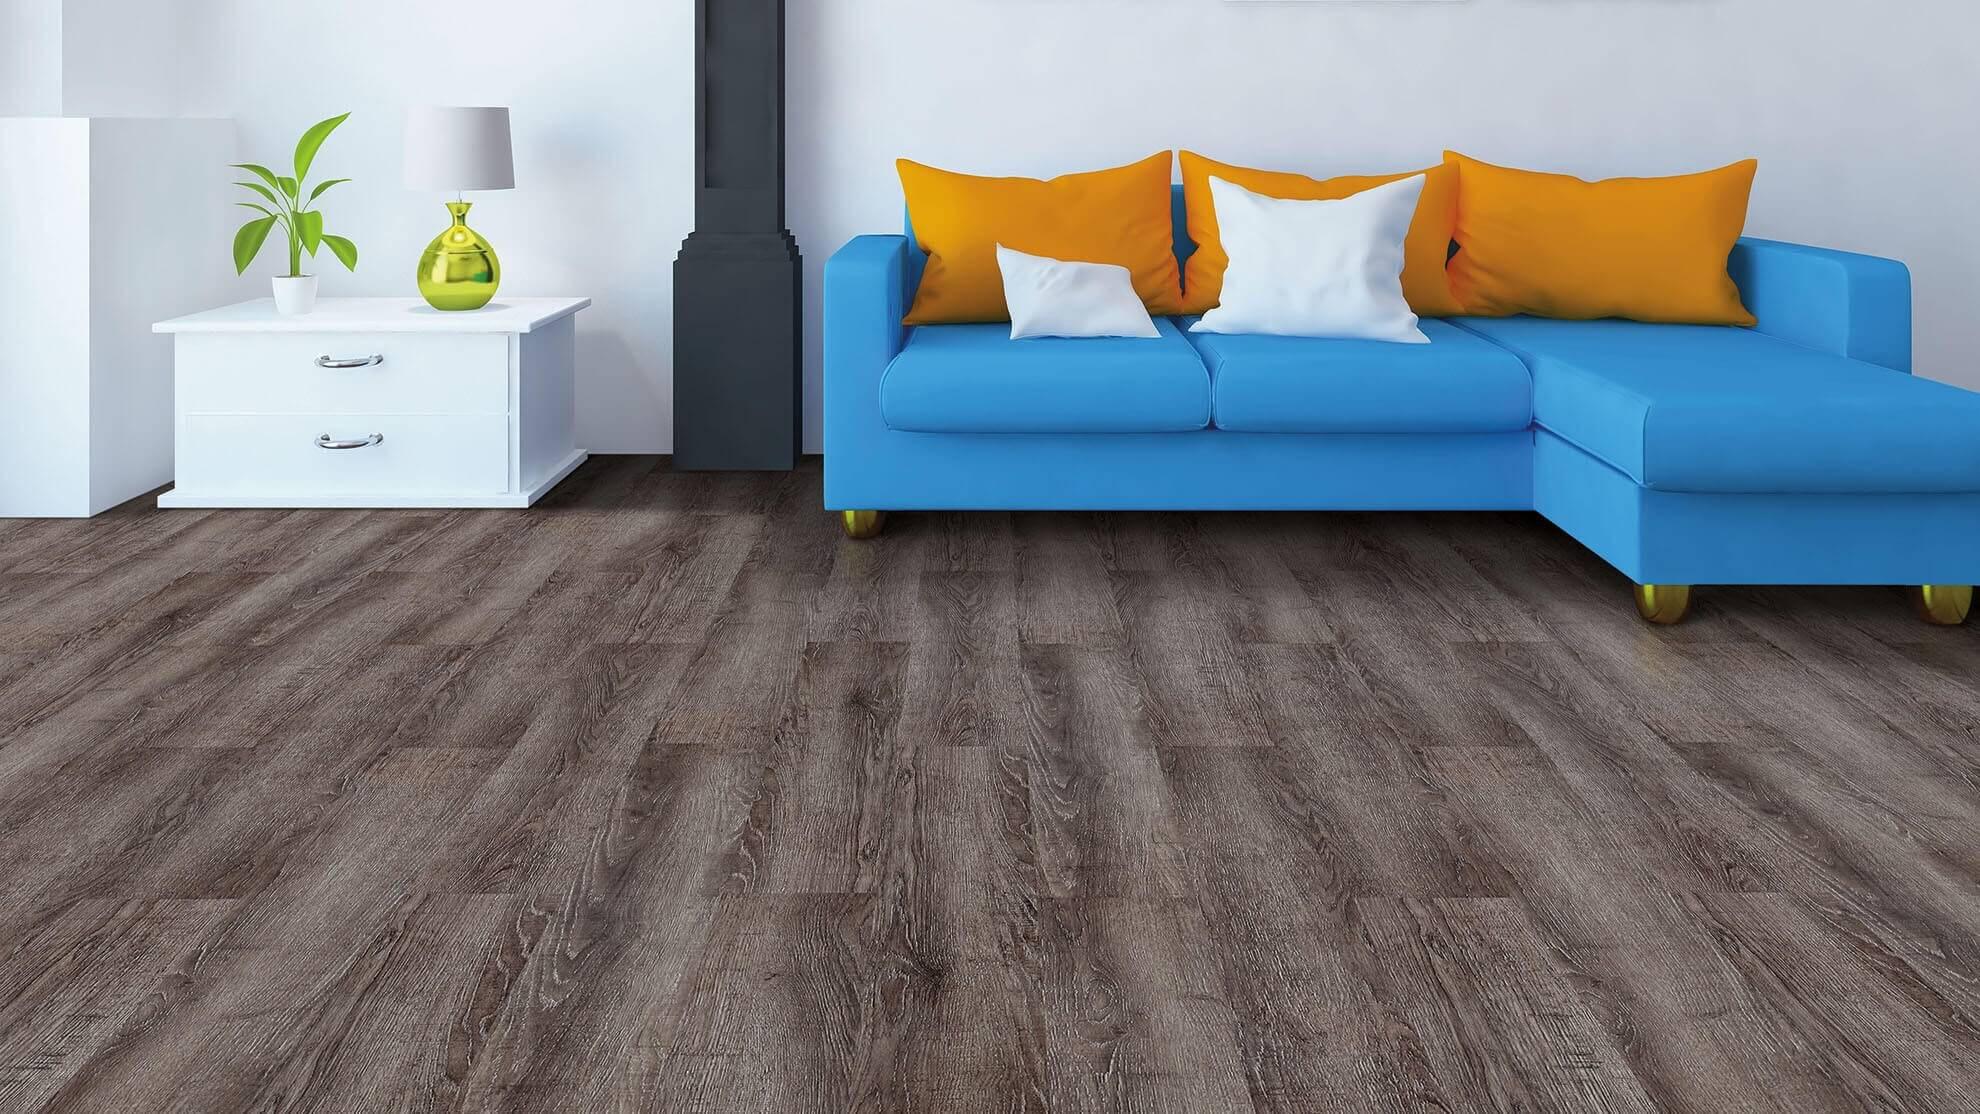 19 Trendy Best Price Hardwood Flooring toronto 2021 free download best price hardwood flooring toronto of earthwerks flooring intended for parkhill smithwick pkh 349 eir